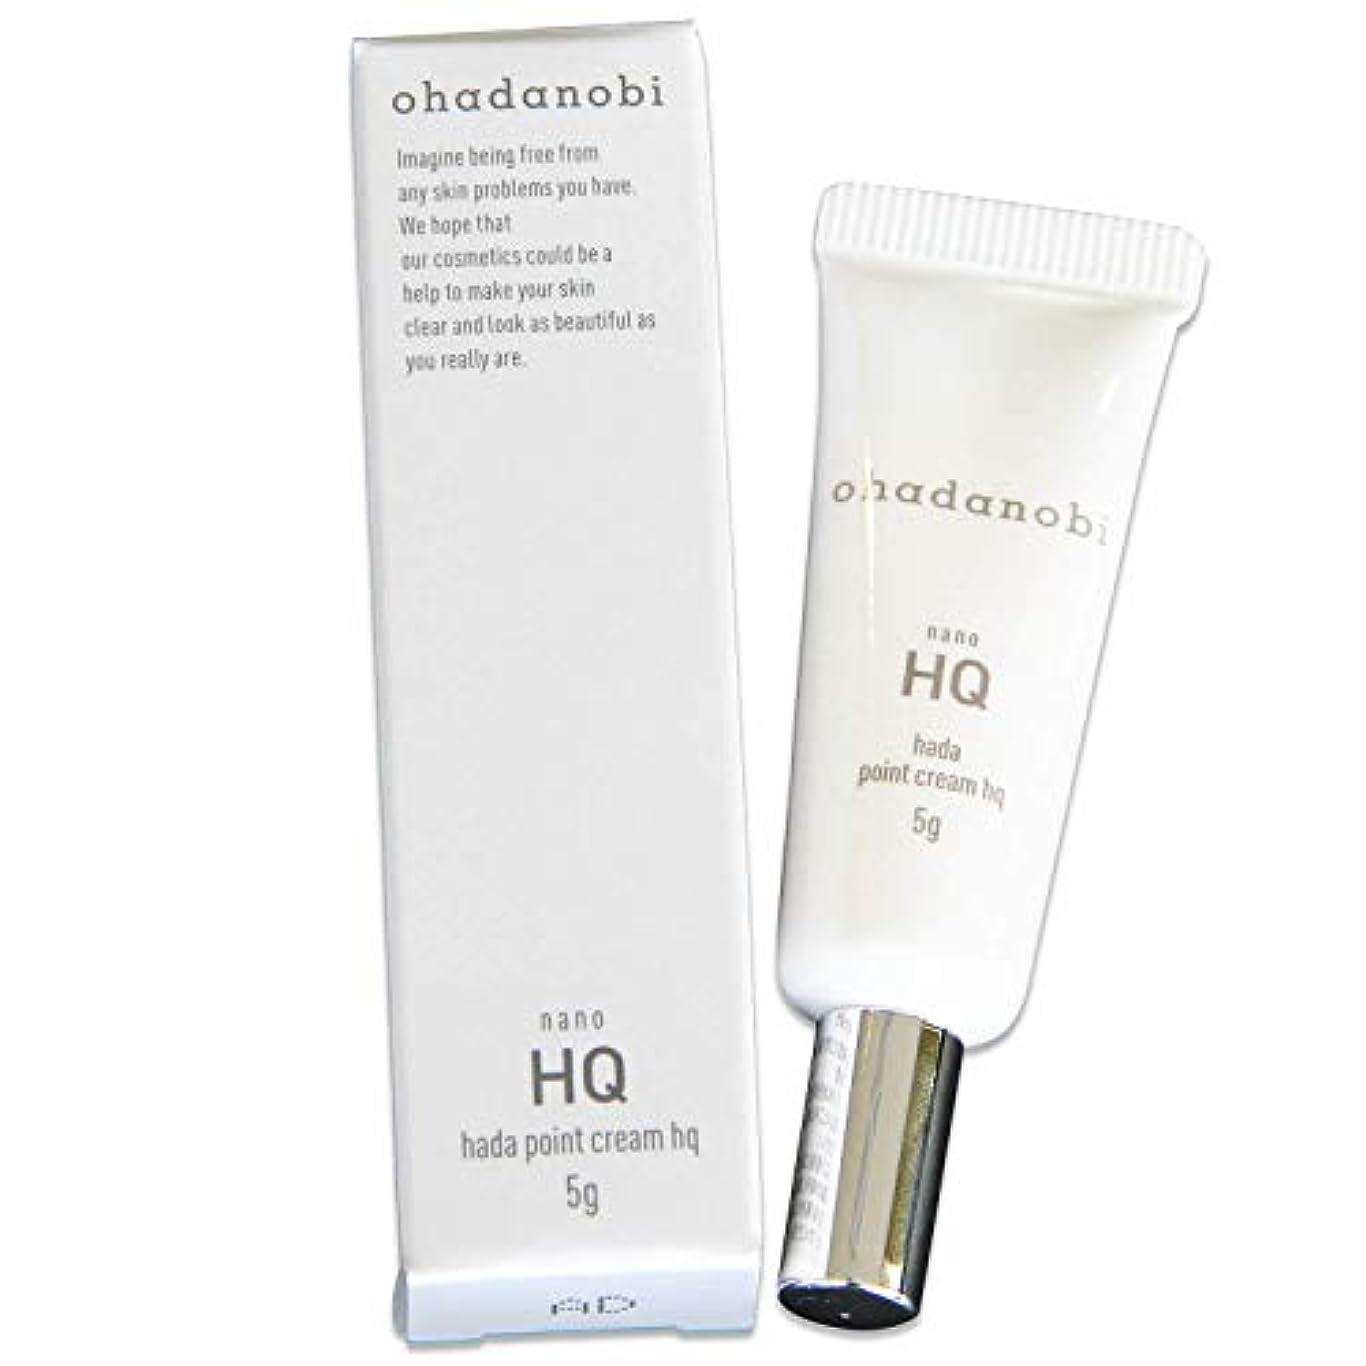 オリエンタル許容できるサイドボードハイドロキノン 4%配合 ハダポイントクリームHQ オハダノビ